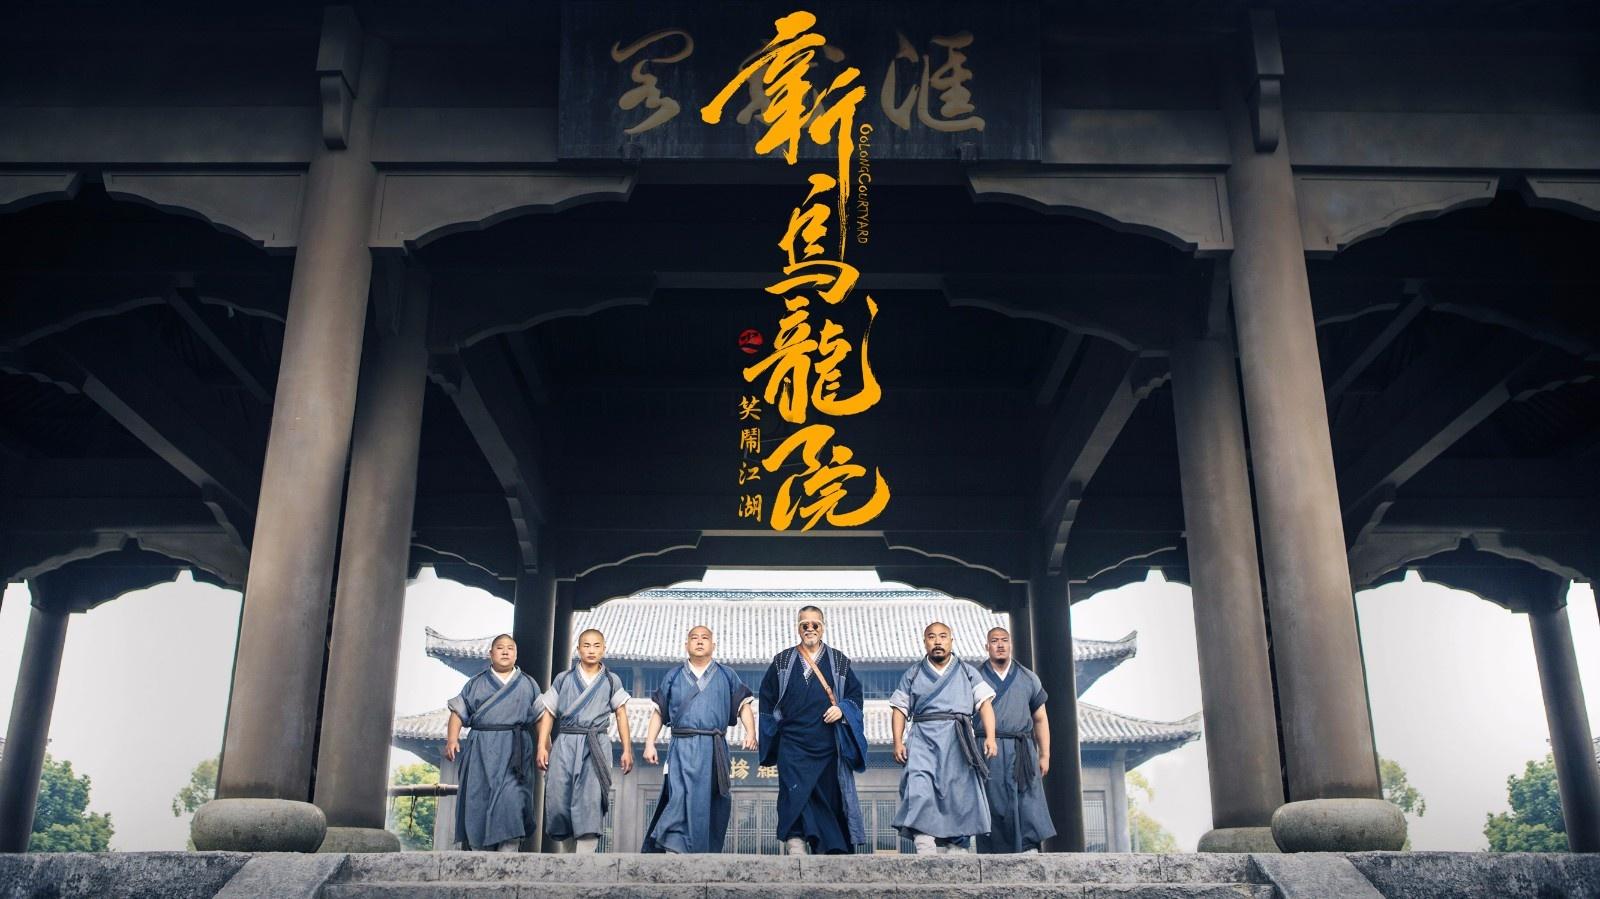 《新乌龙院》提档8.17 吴孟达领衔上演暑期合家欢